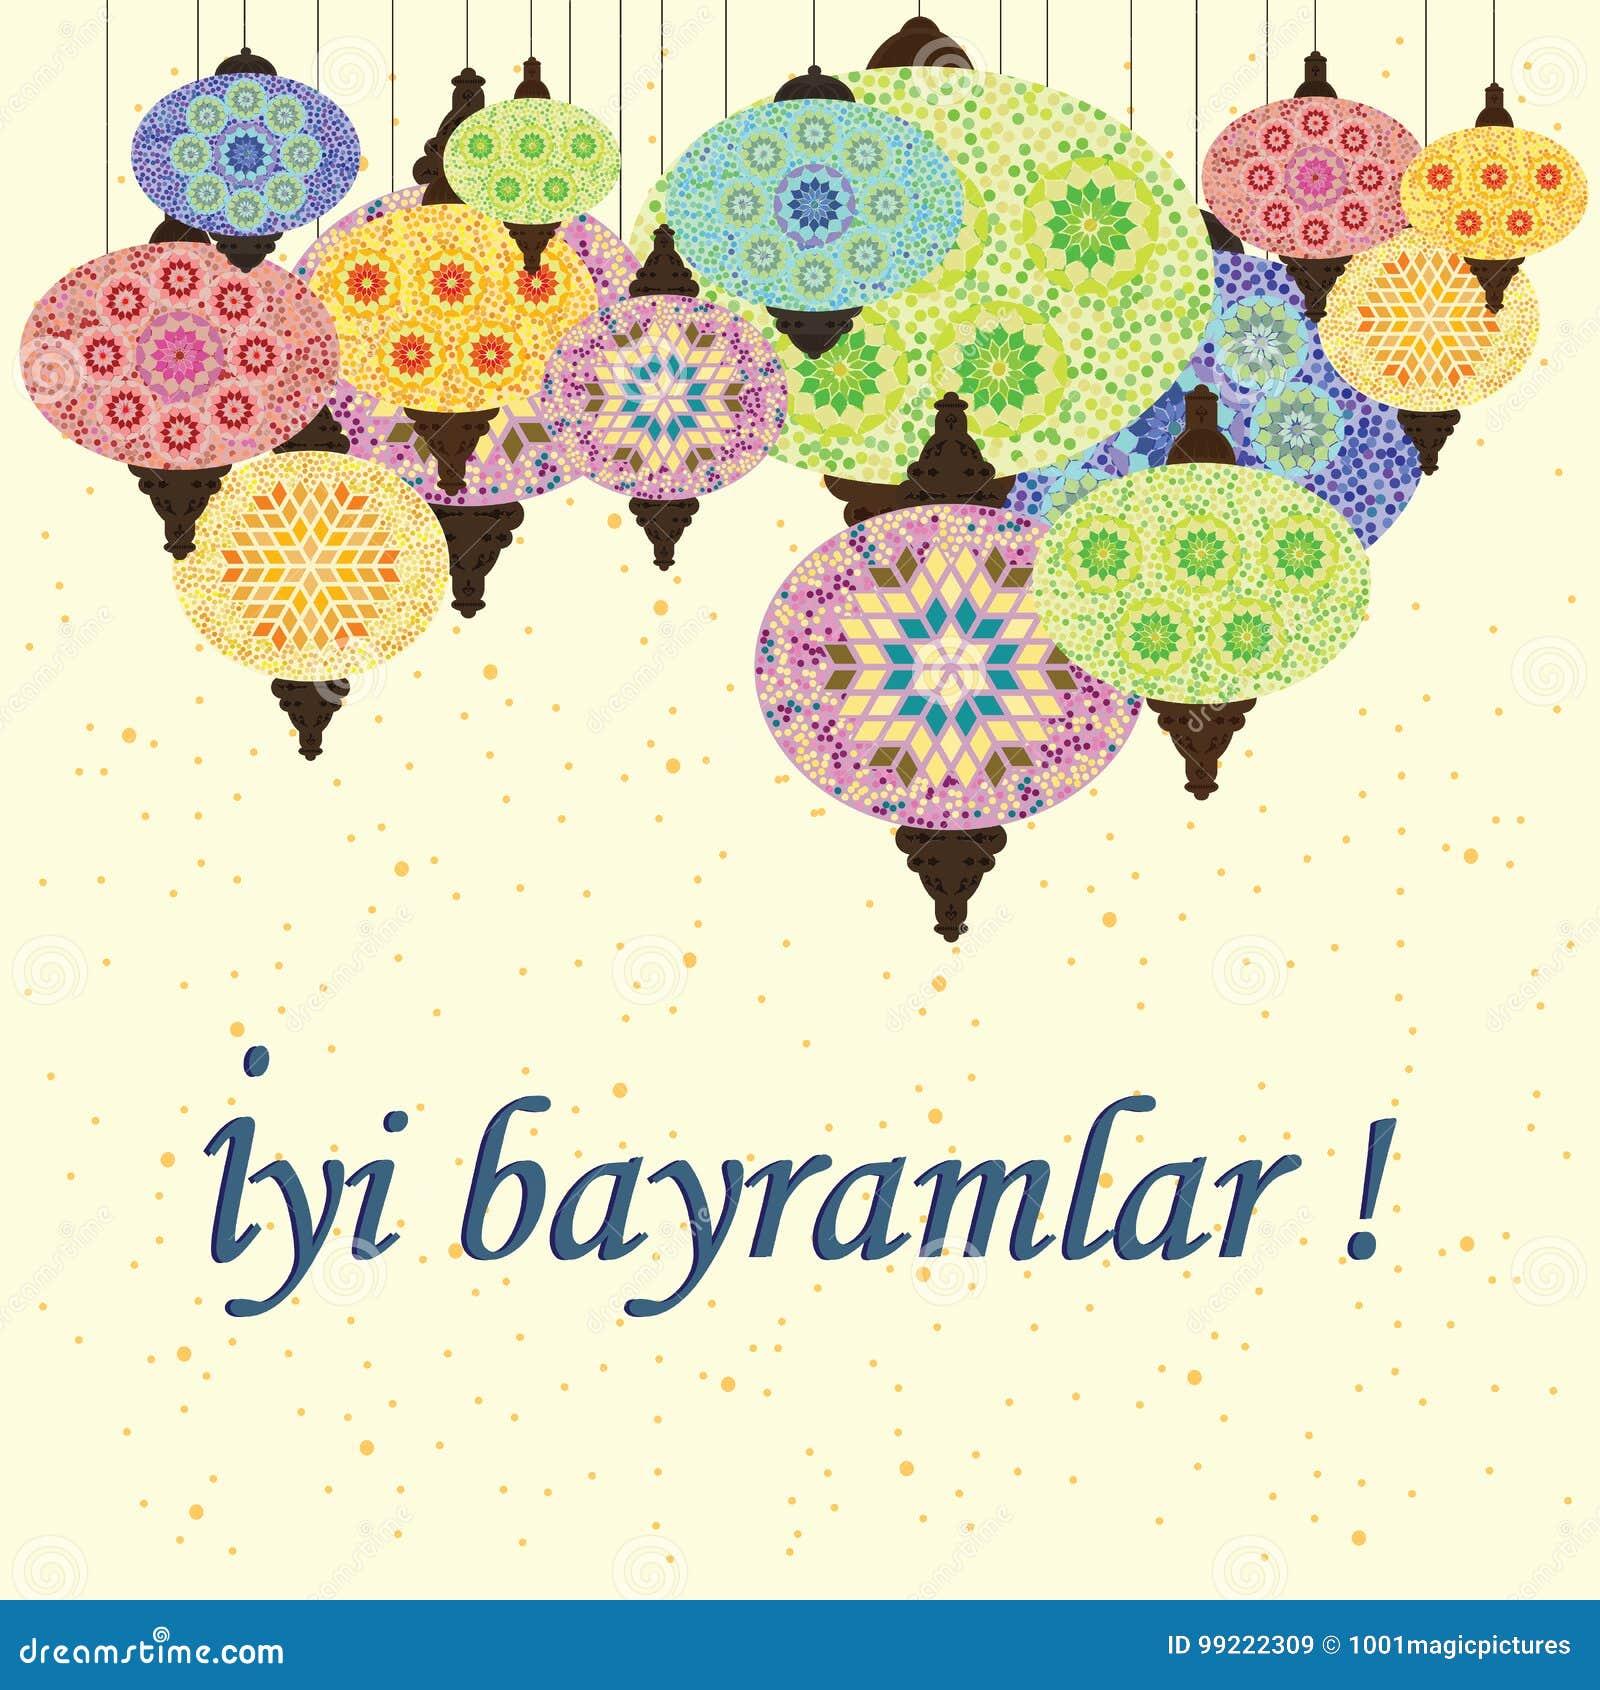 Turkish Lamps Bayramlar Stock Vector Illustration Of Lantern 99222309